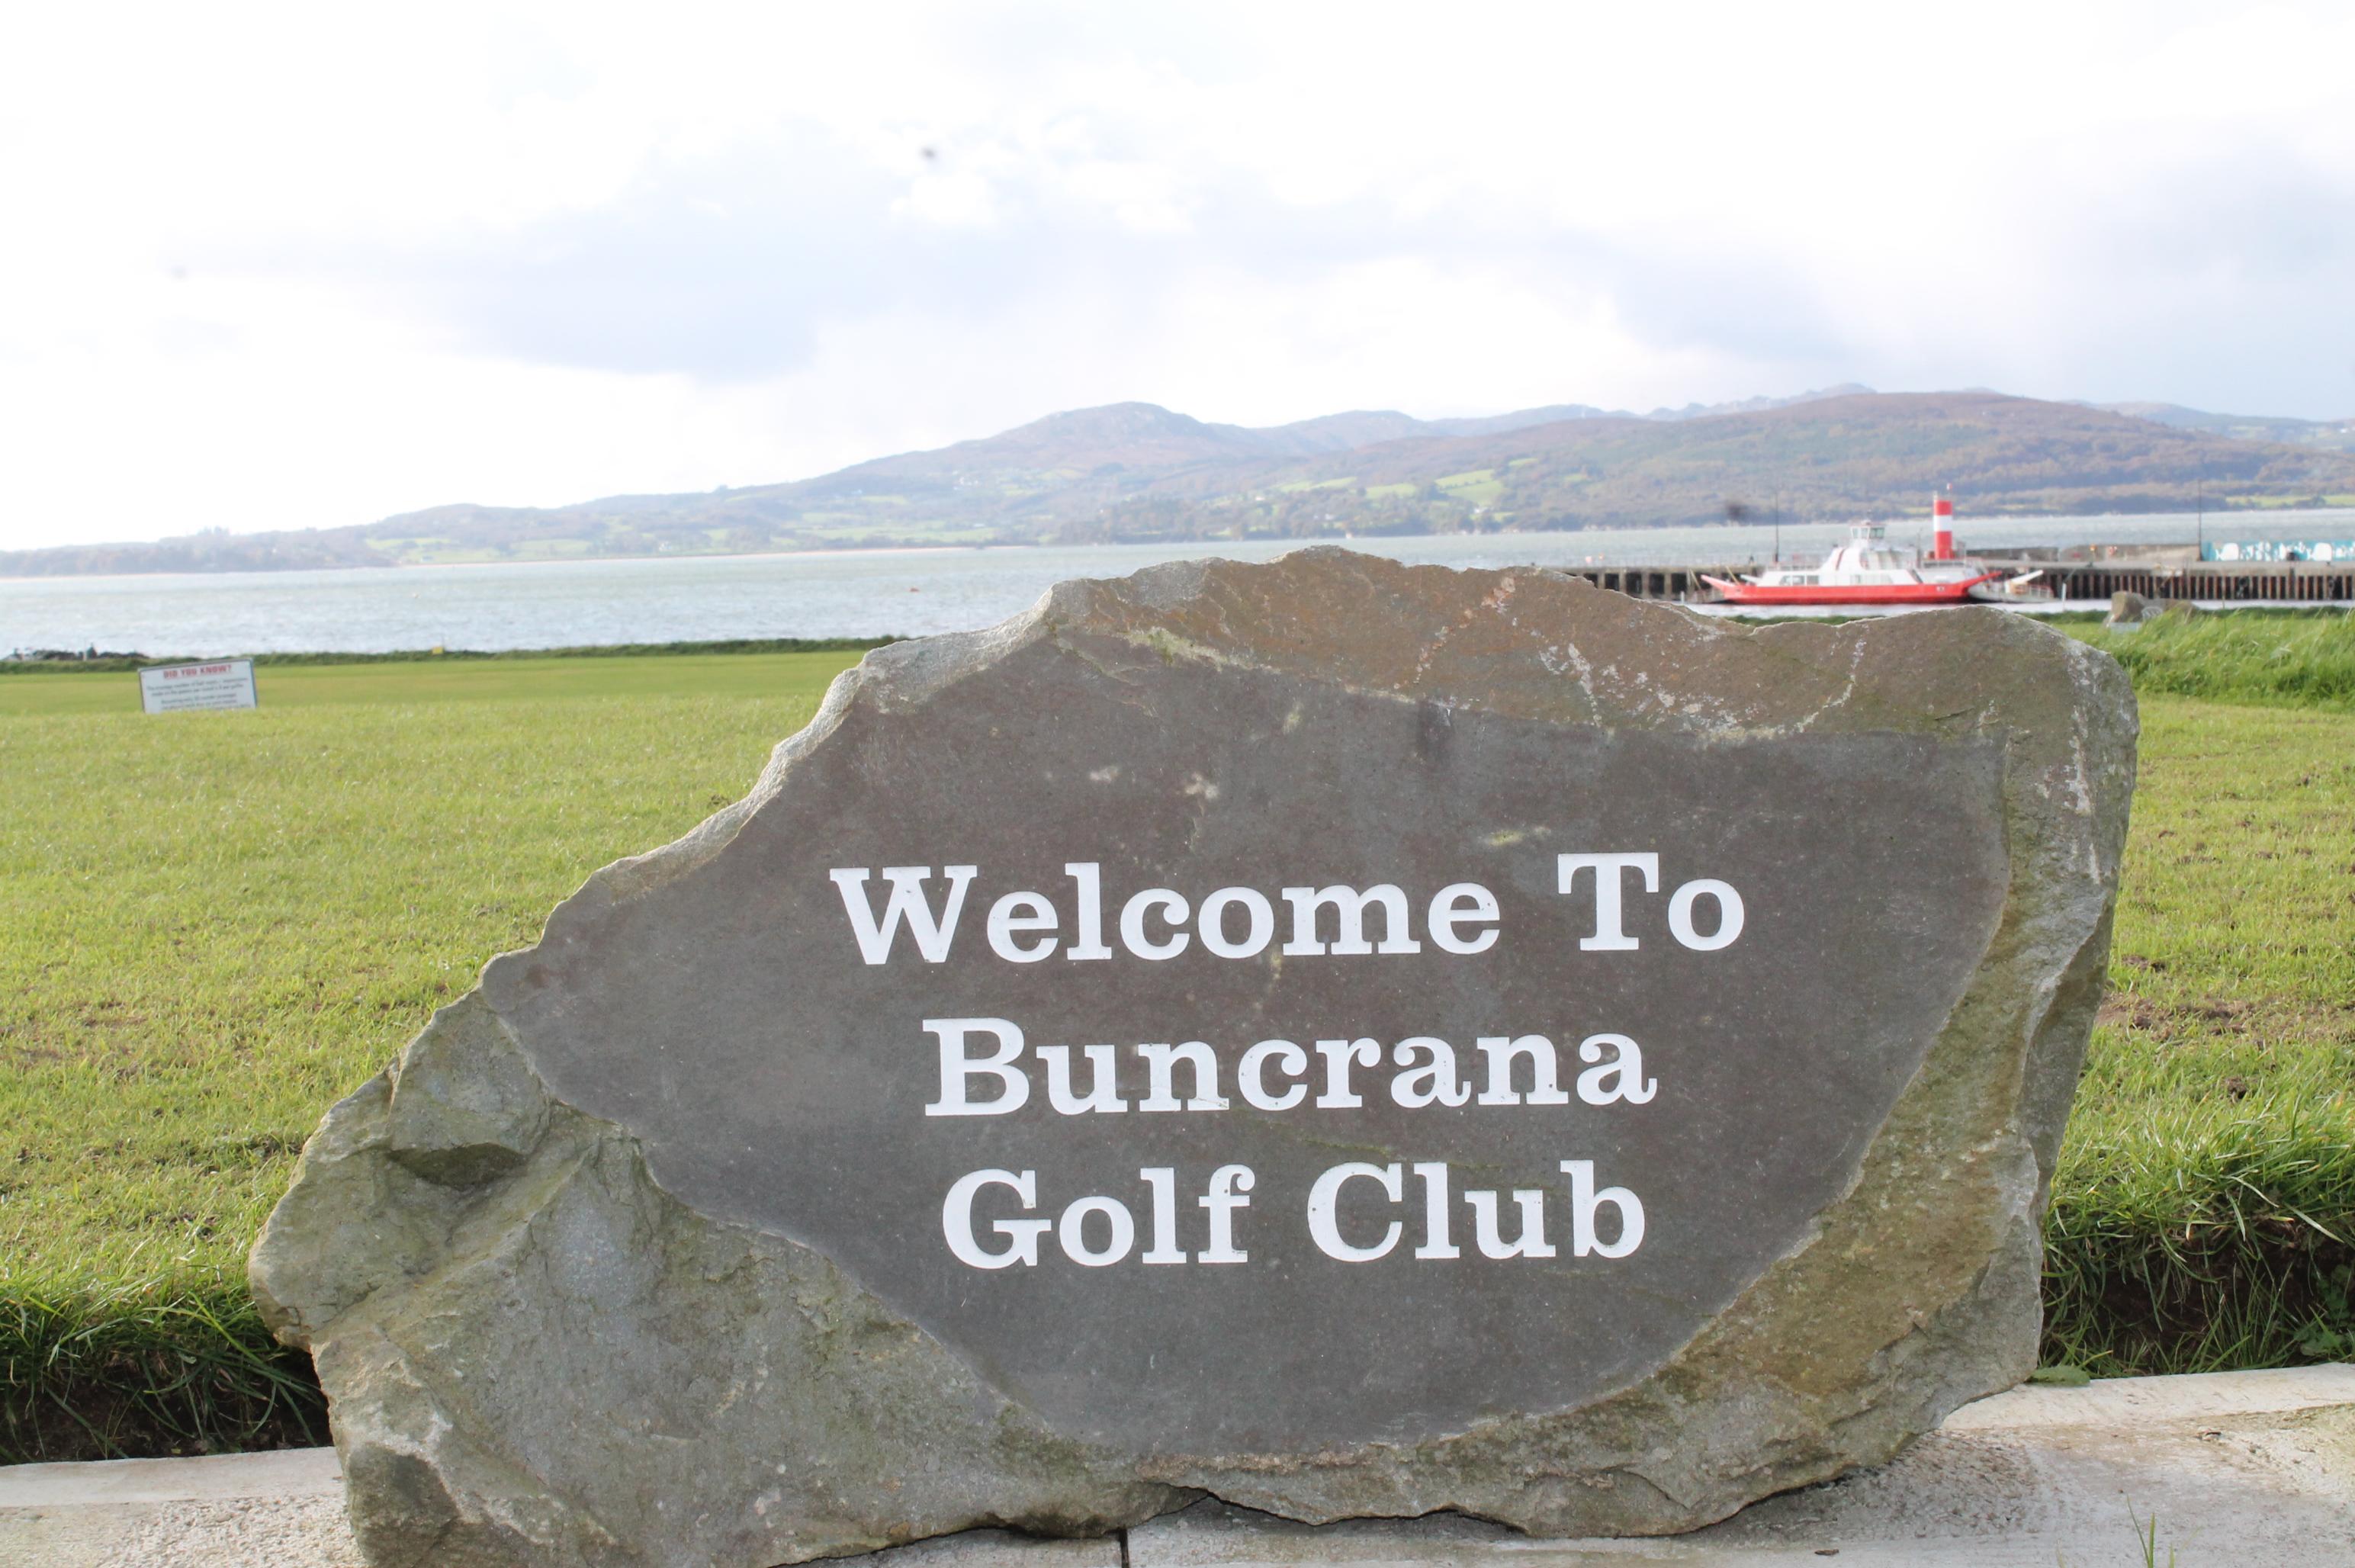 Buncrana Golf Club